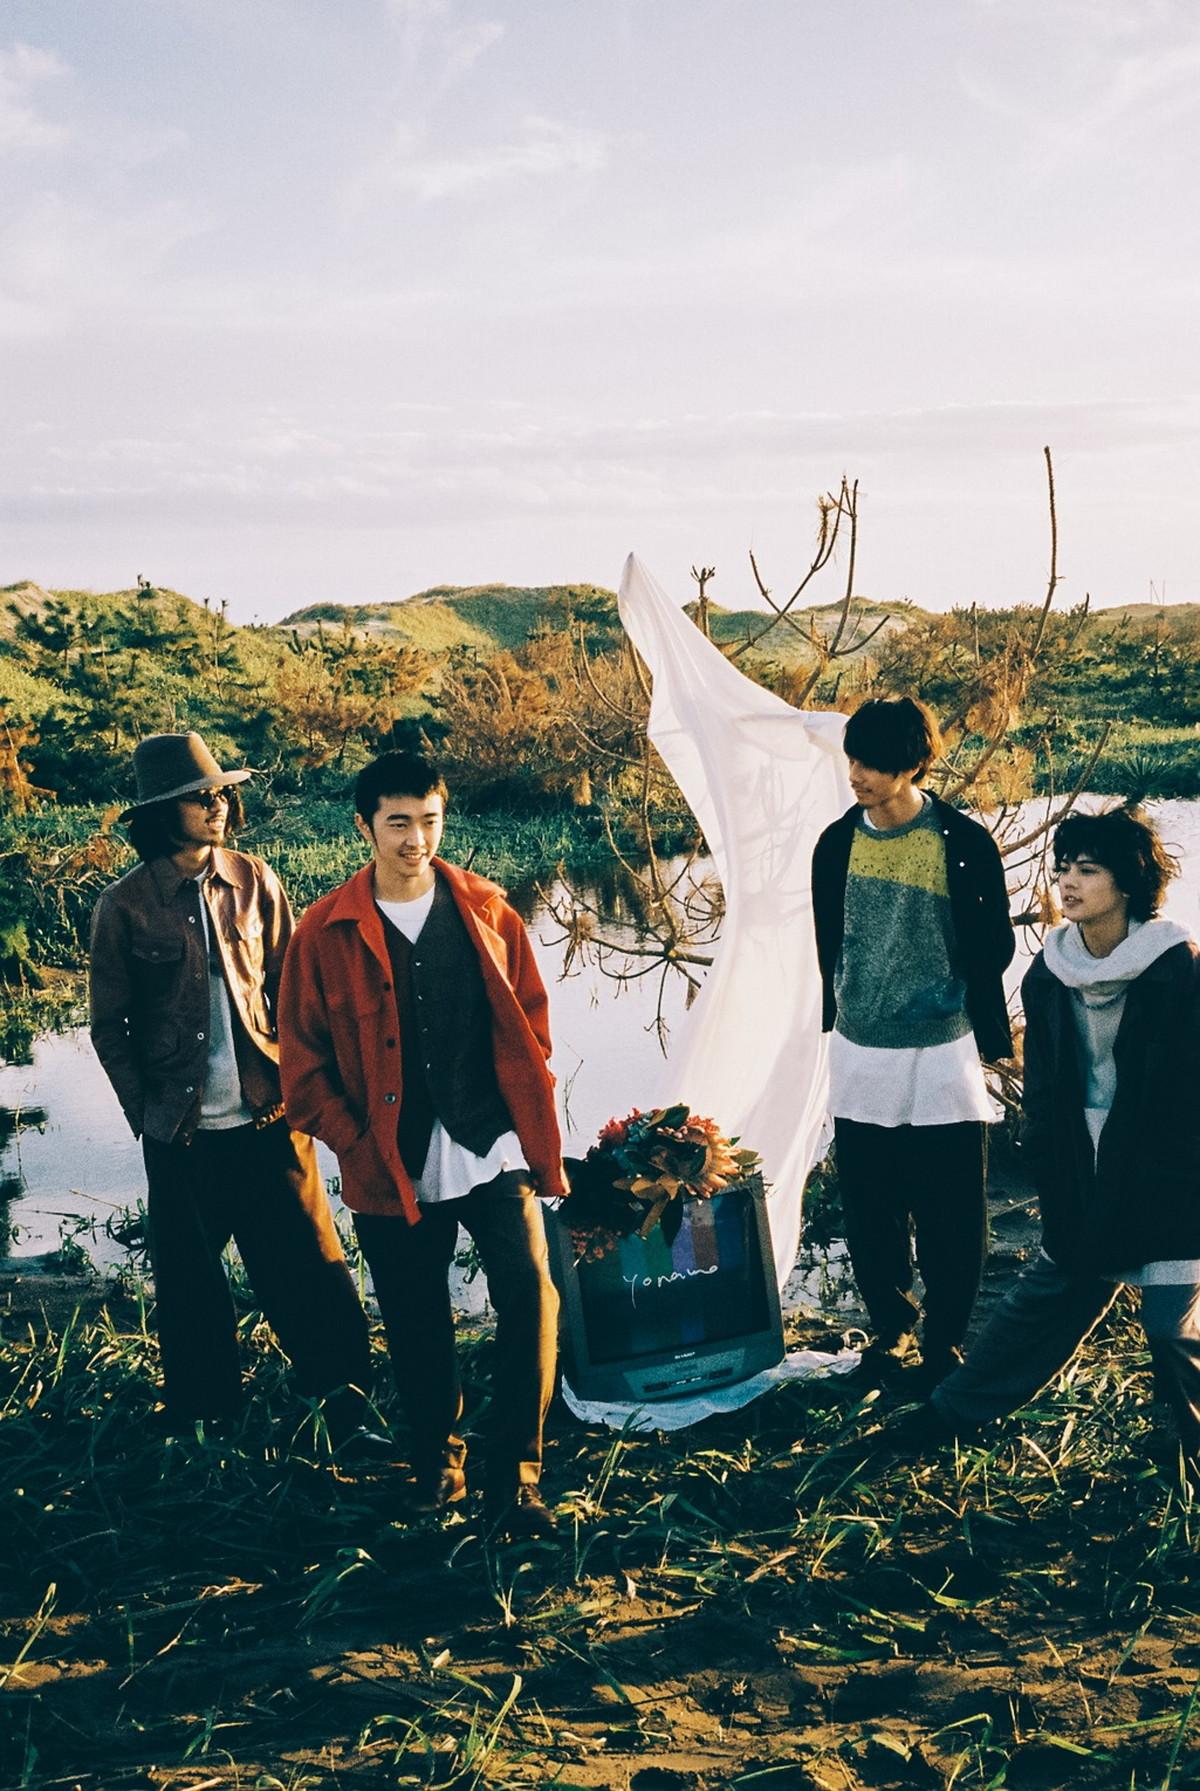 福岡発新世代ネオ・ソウル・バンドyonawo、ミニアルバム『LOBSTER』リリース! 今までとのアレンジの違いを楽しんでほしい